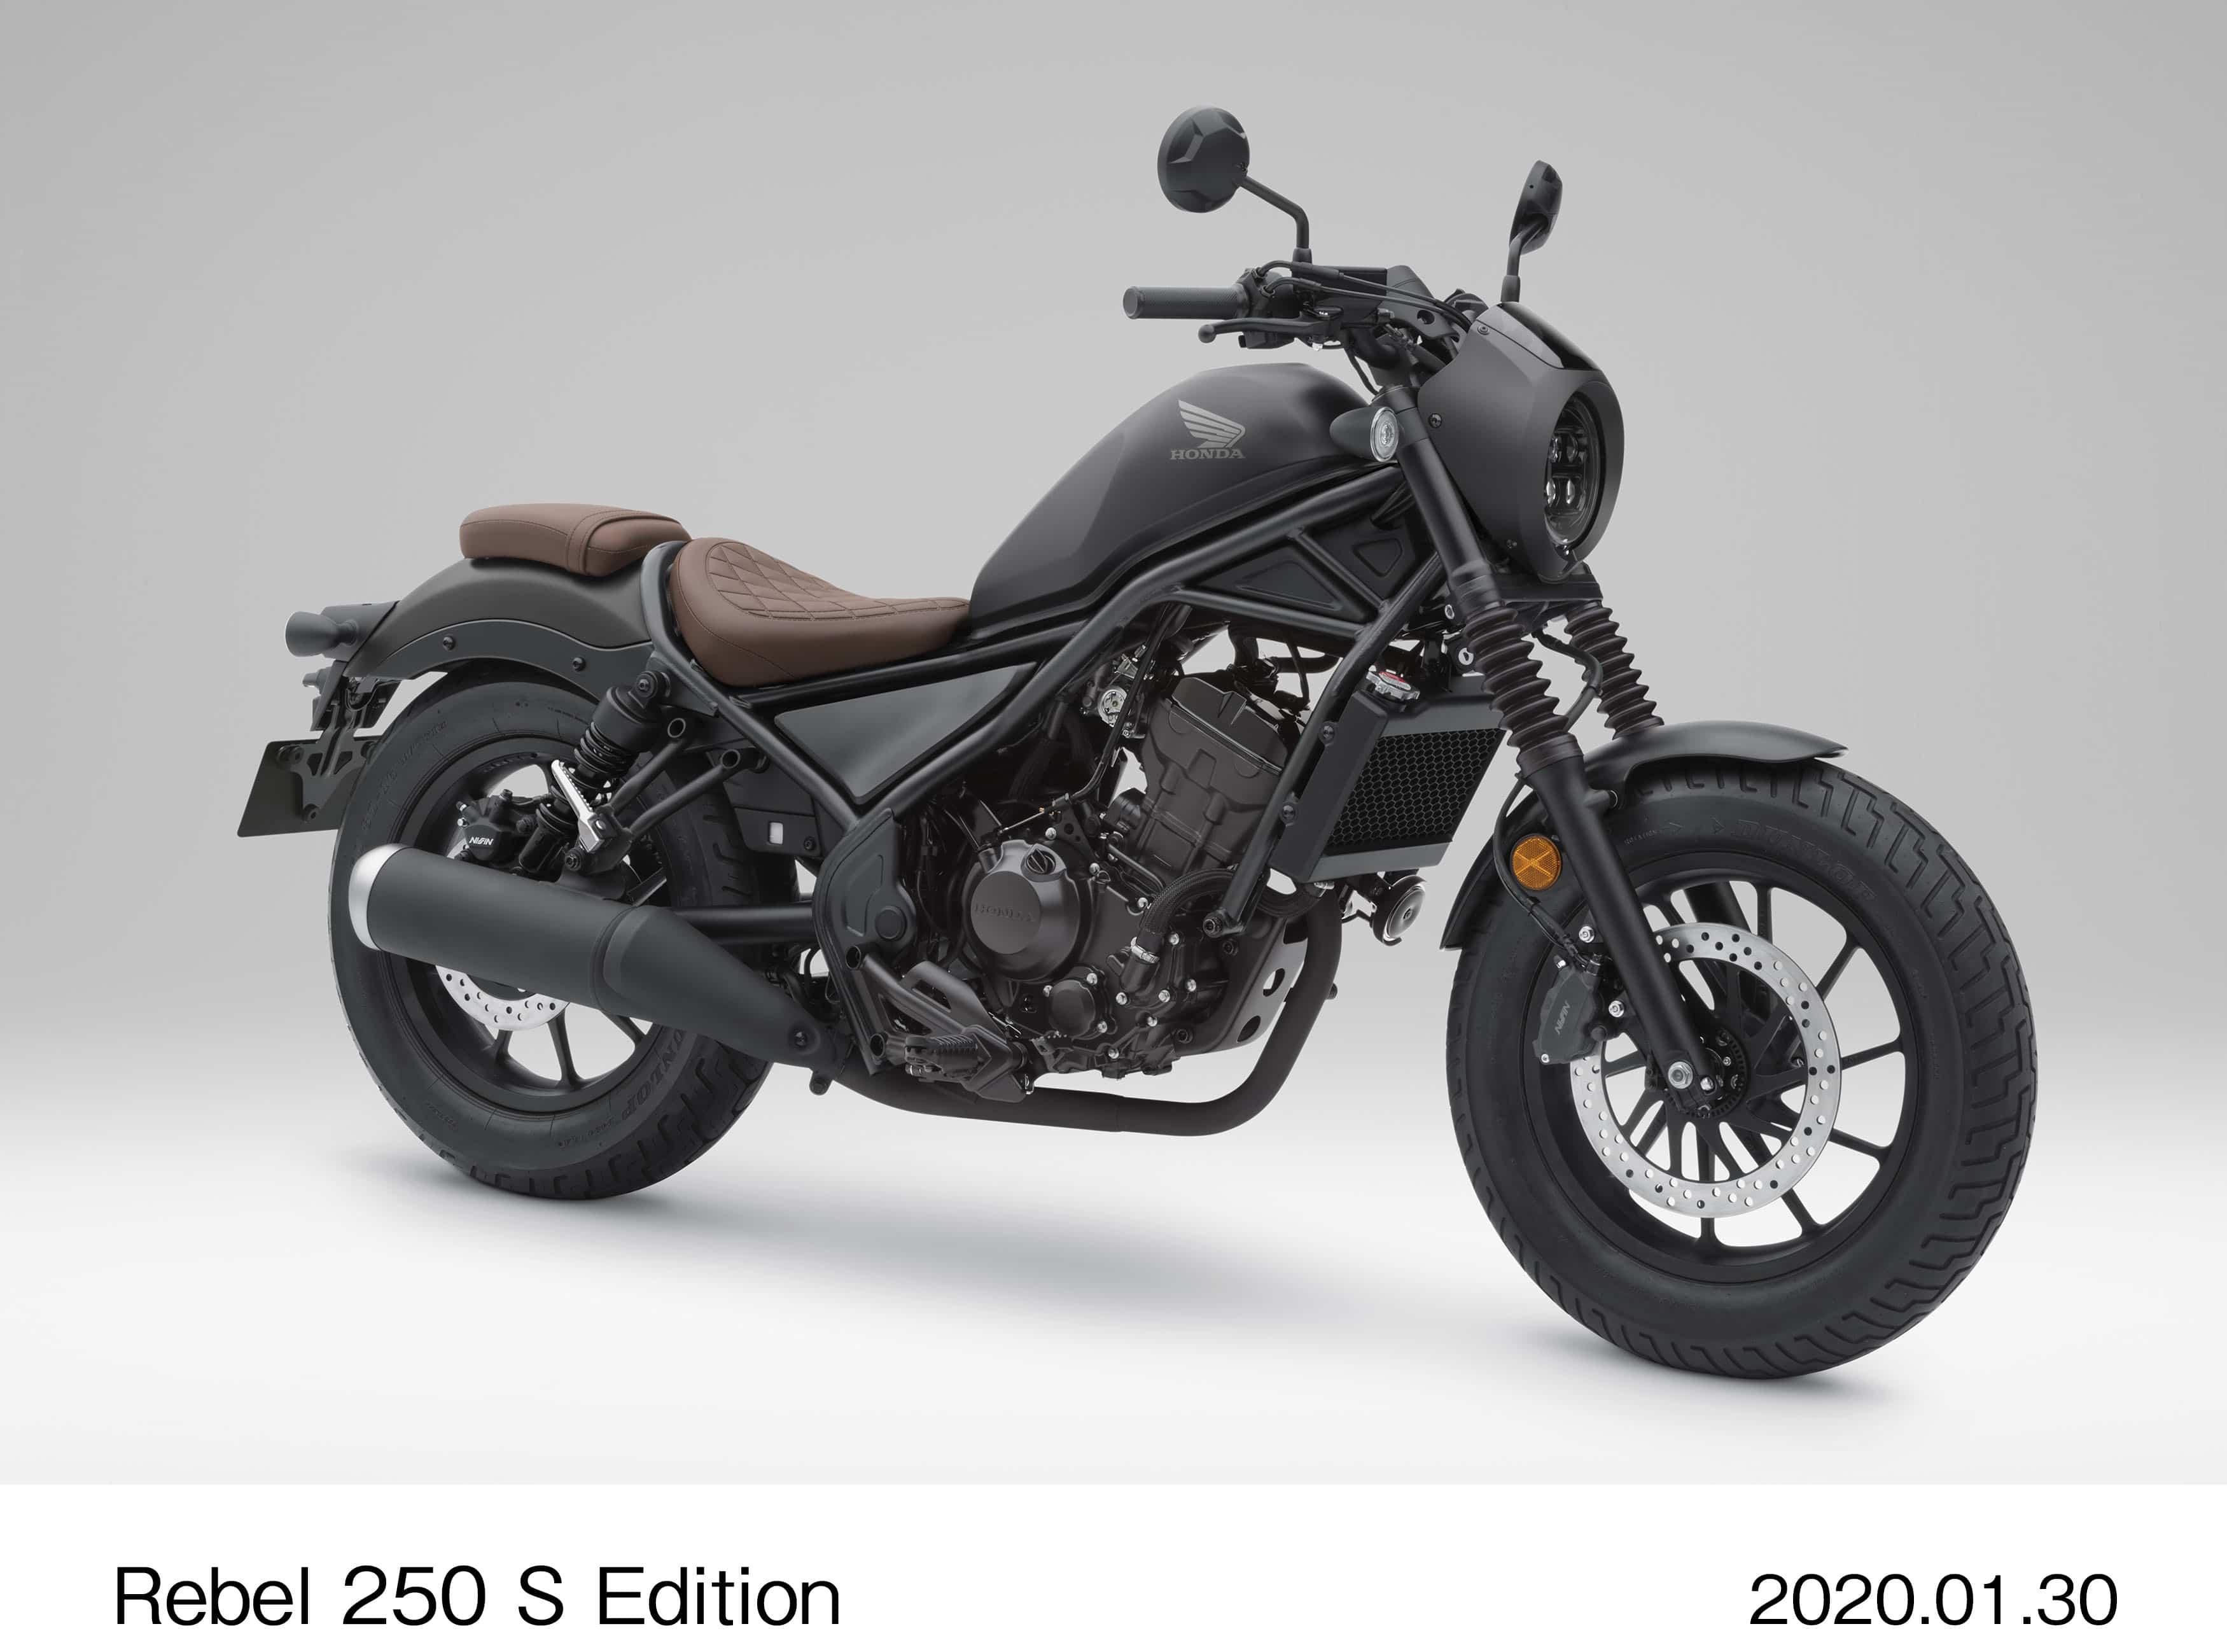 ホンダ クルーザーモデルのRebel 250を仕様変更、Rebel 250 S Editionを新たに発売